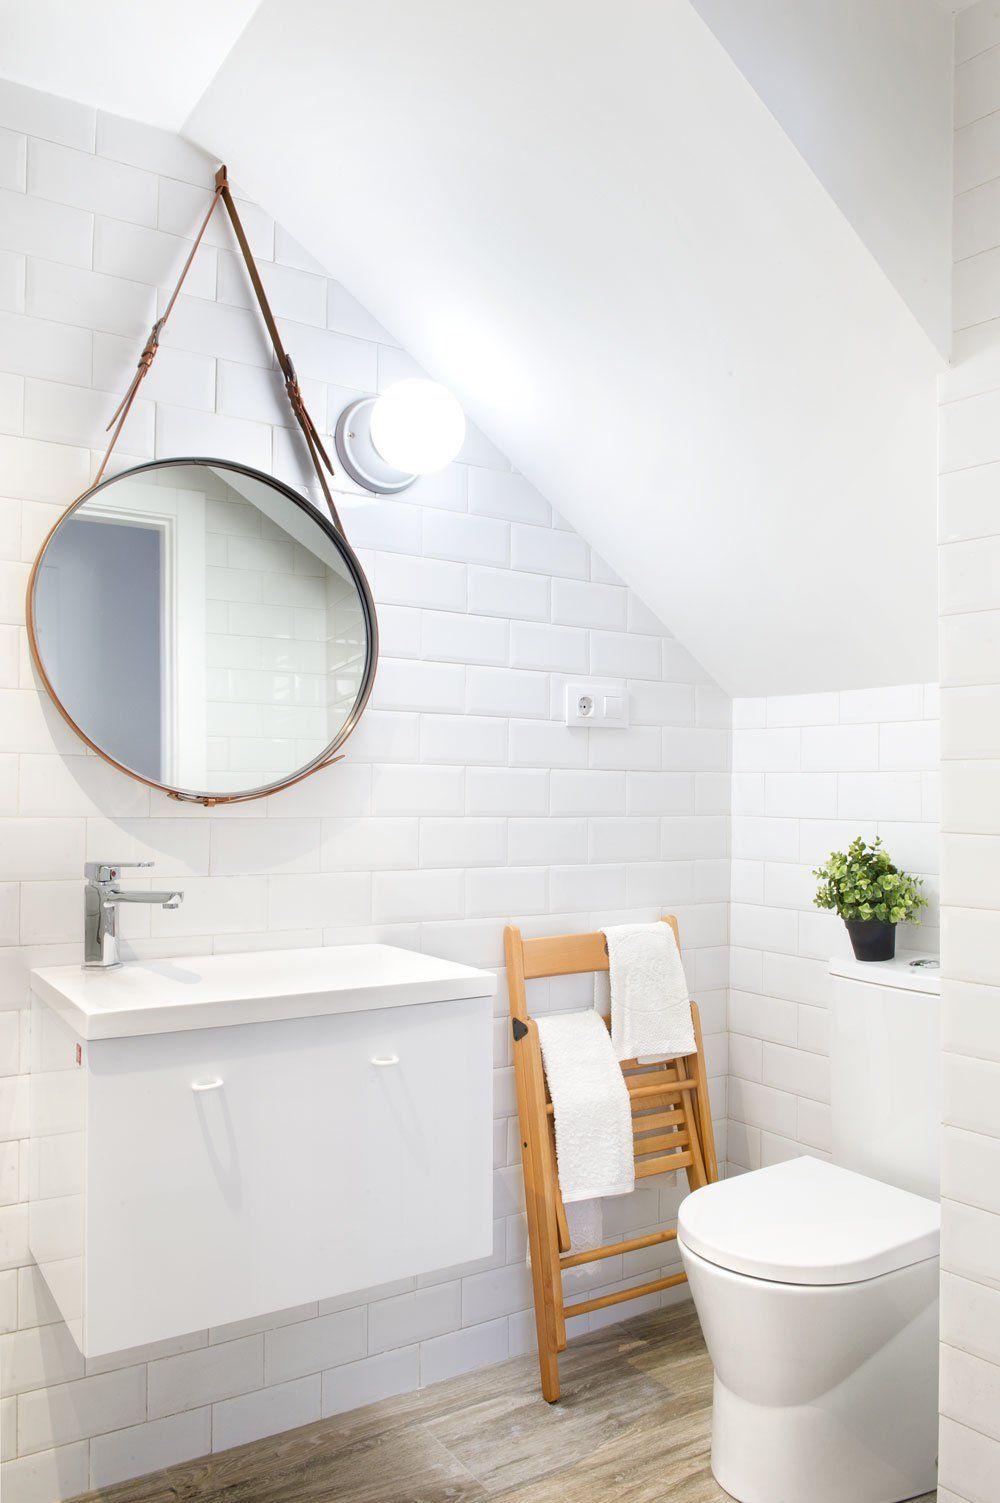 blanc et bois clair pi ce ma tresse le grand miroir rond bathroom salle de bain pinterest. Black Bedroom Furniture Sets. Home Design Ideas